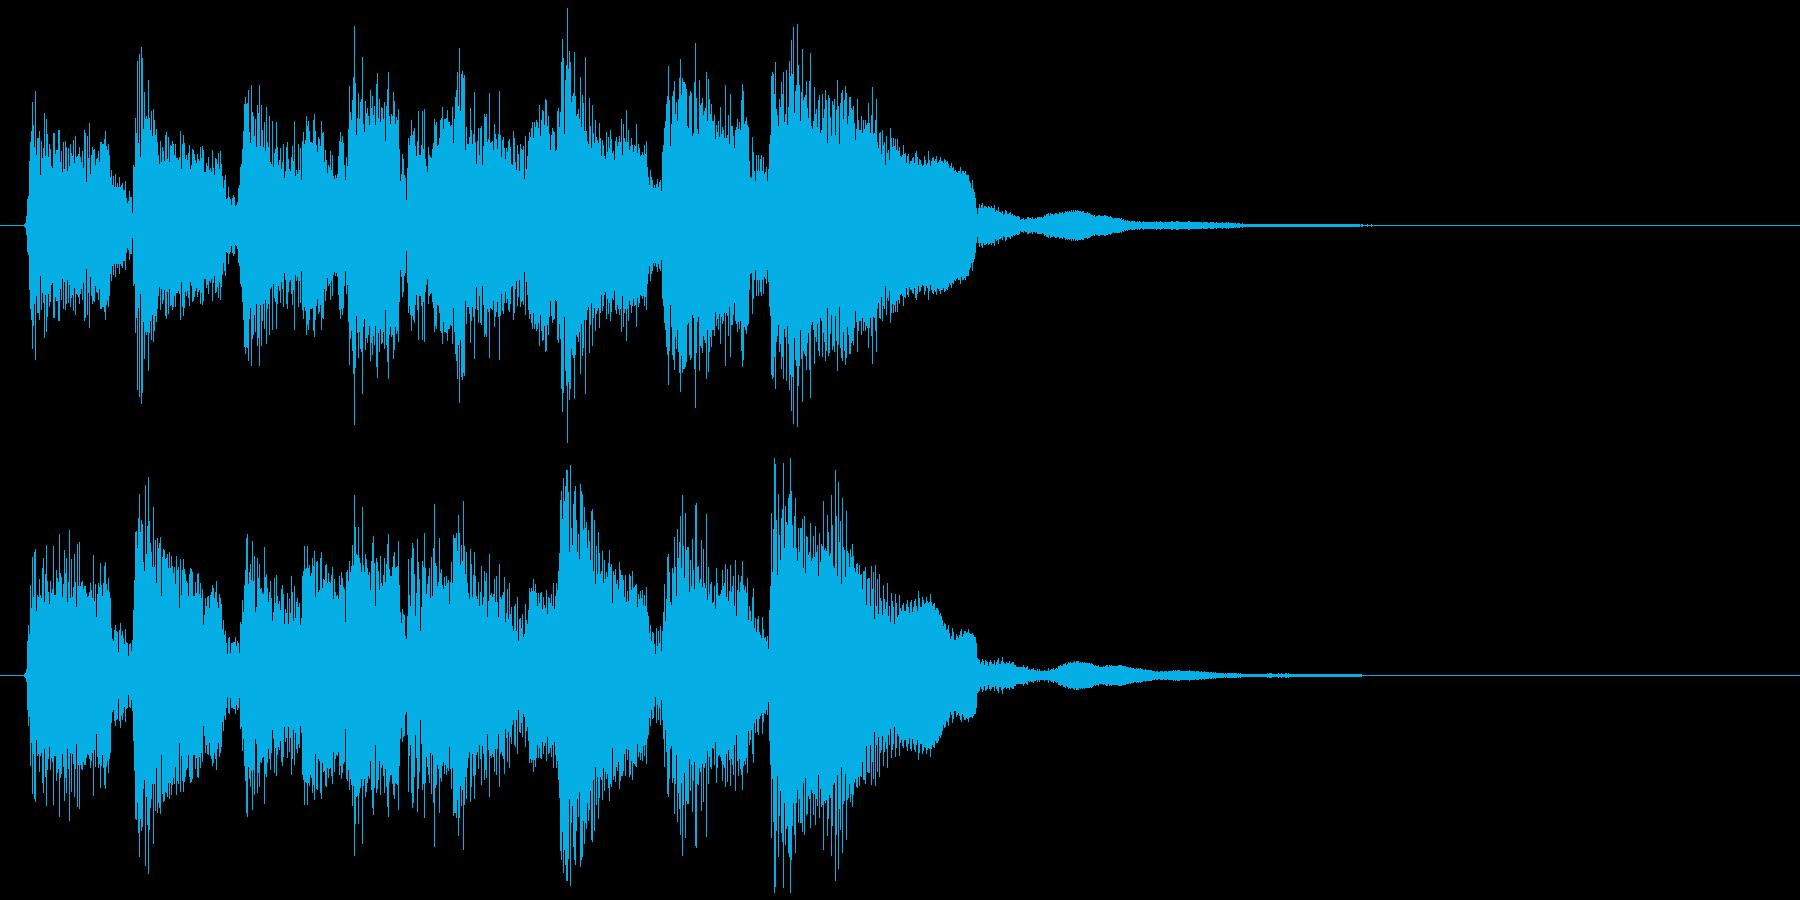 ウキウキ系のキュートな場面転換ジングルの再生済みの波形